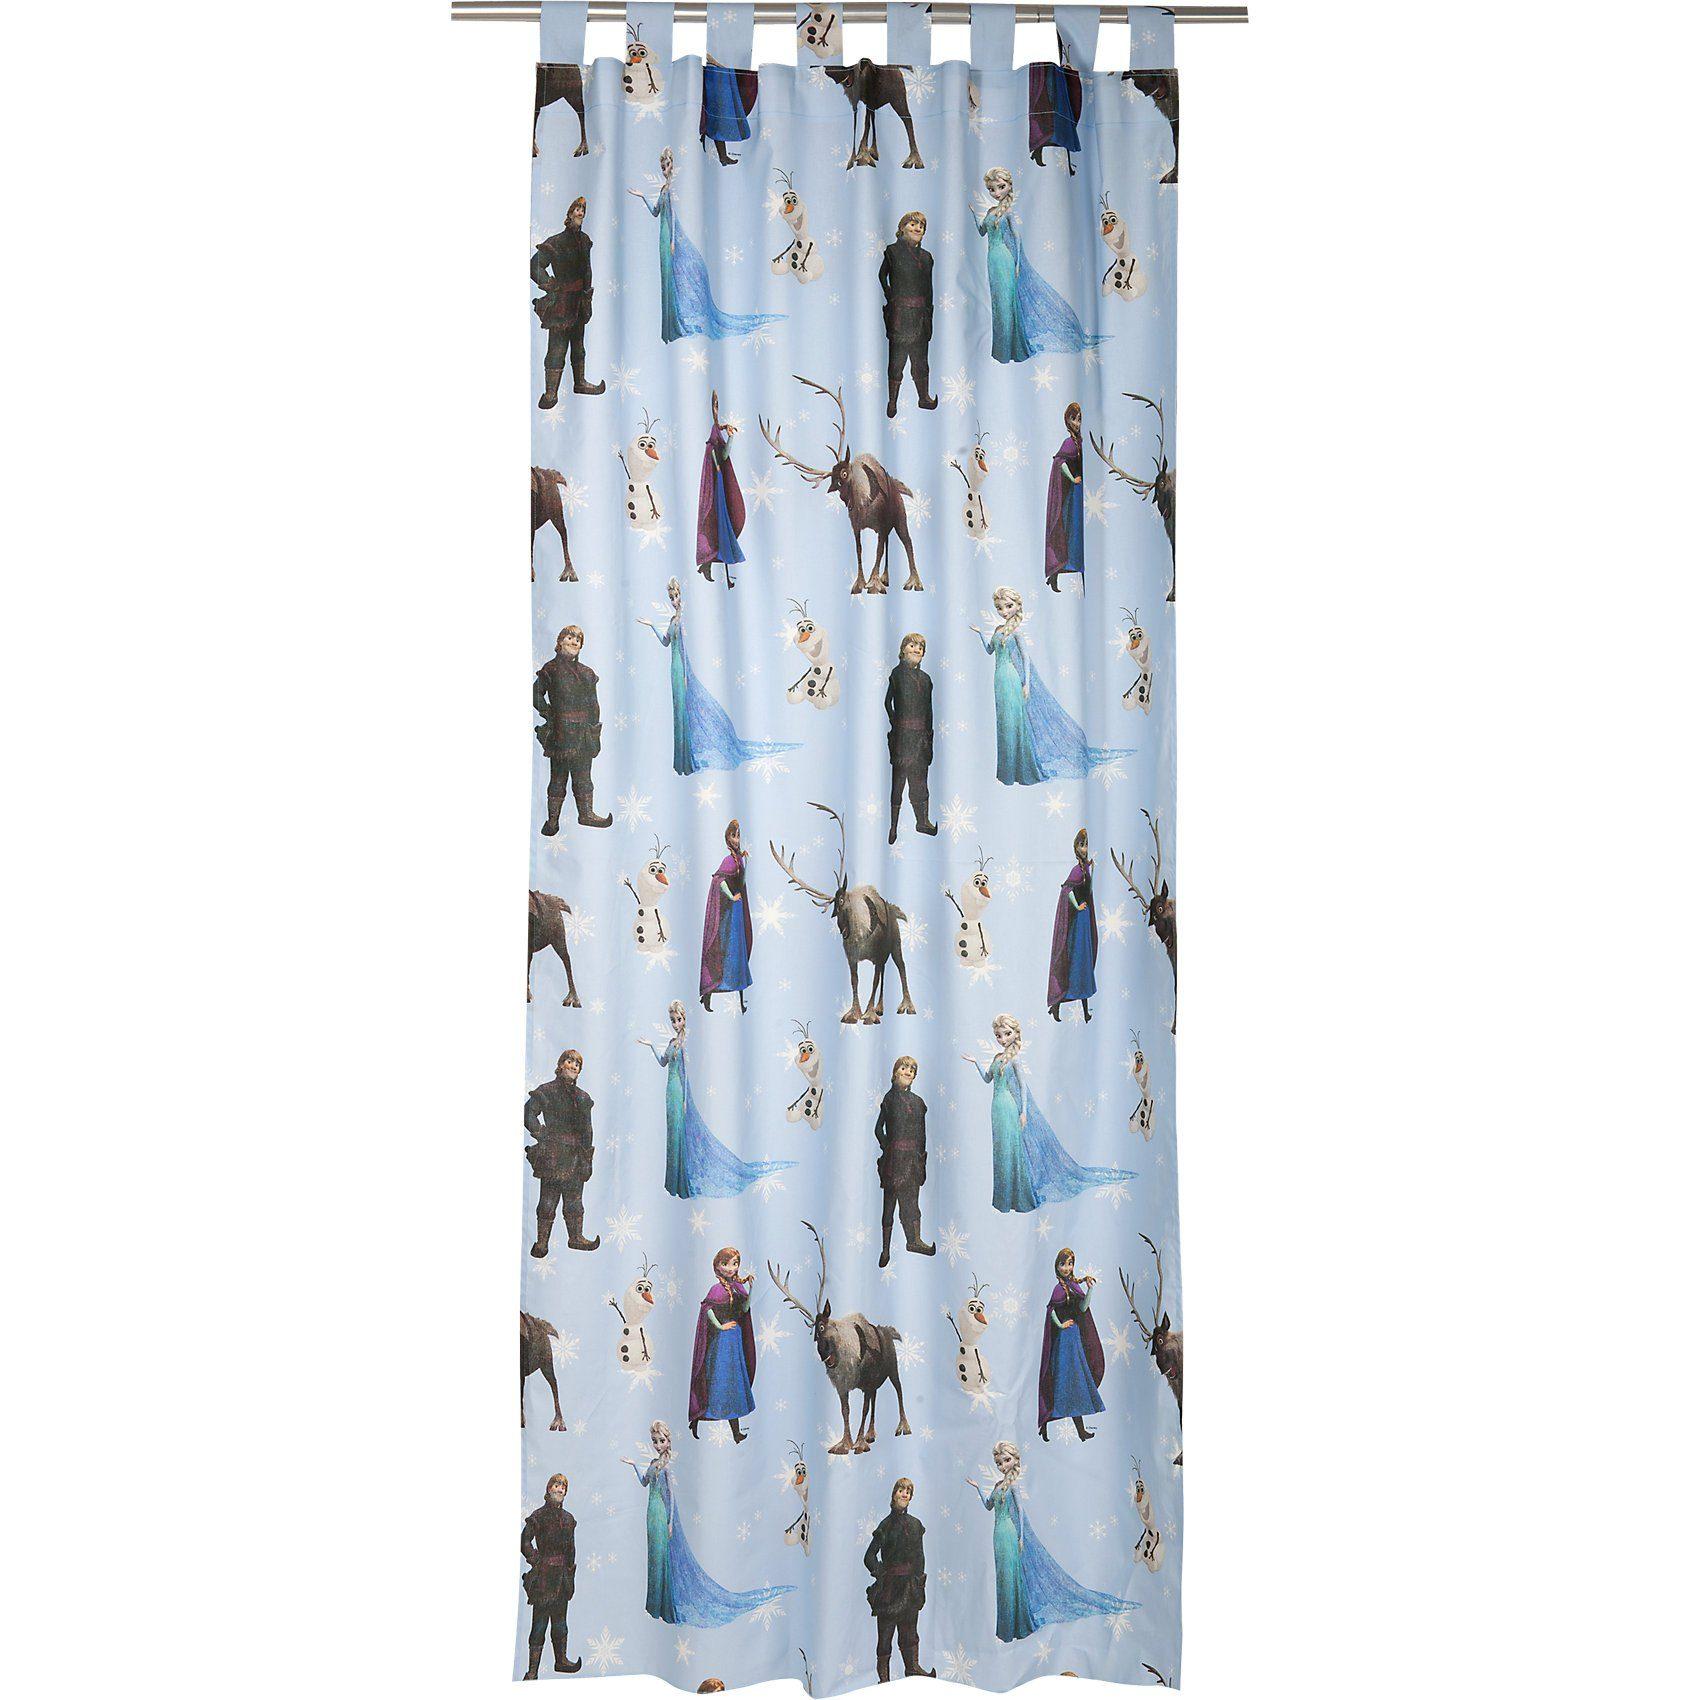 Vorhang Frozen, 140 x 250 cm